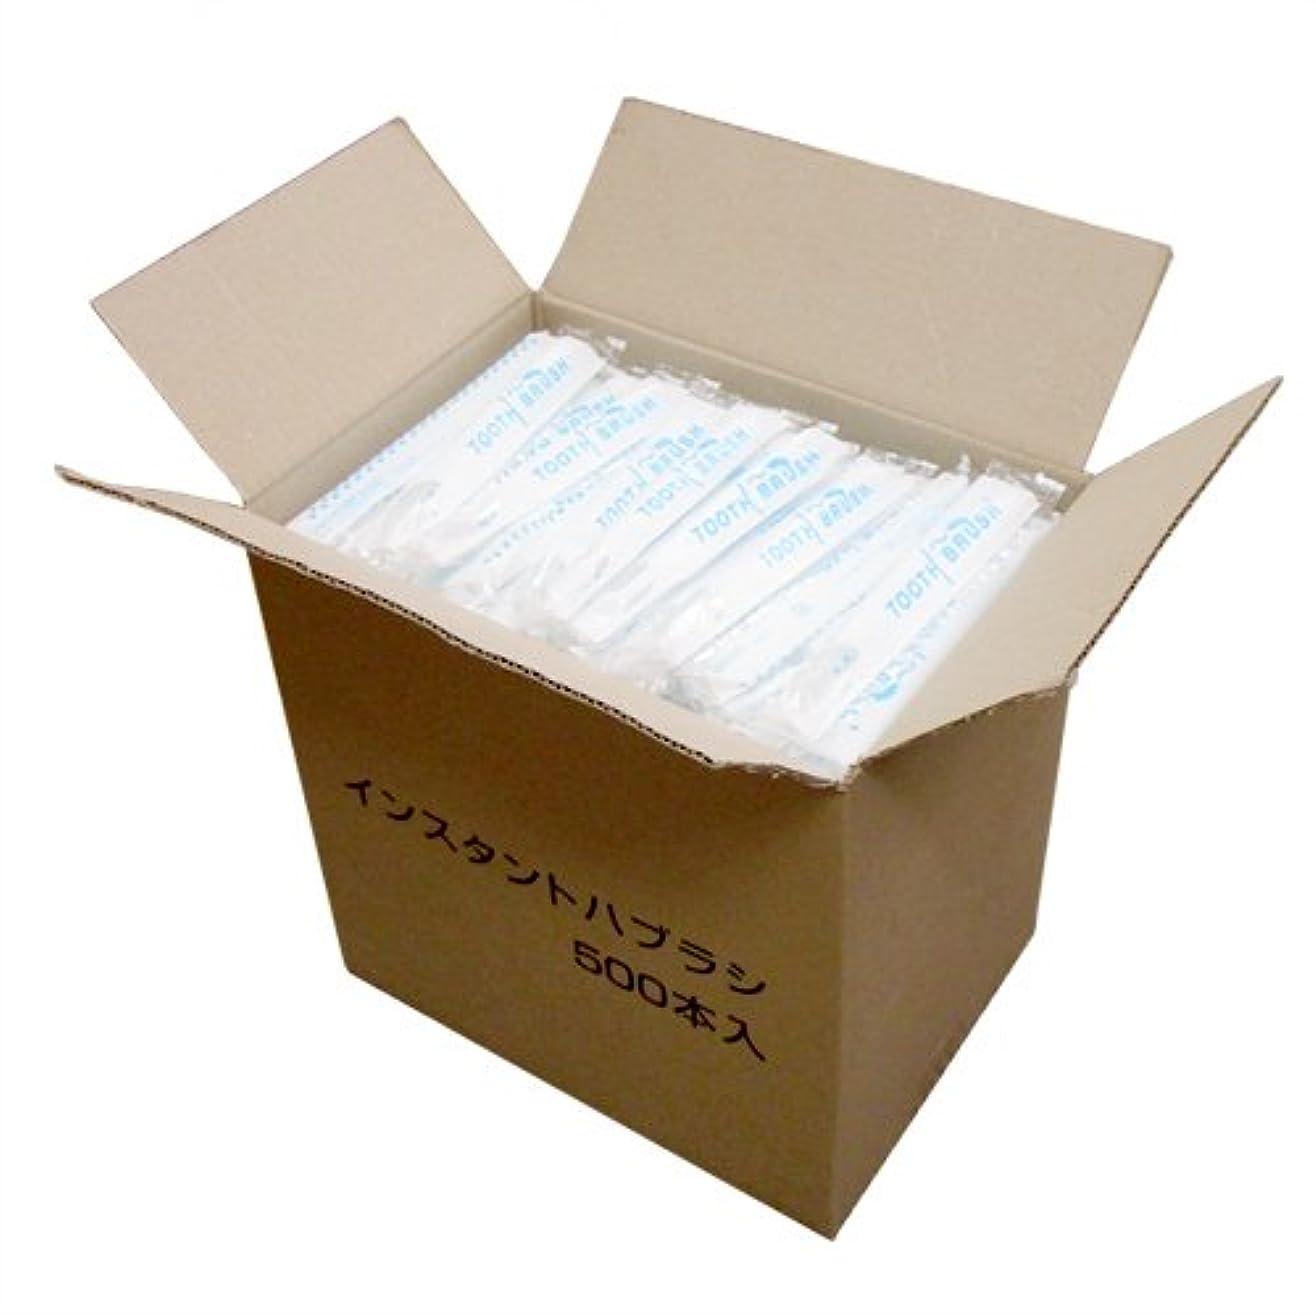 十二お香送信する業務用 日本製 使い捨て粉付き歯ブラシ 個包装タイプ 500本入×8箱 (4000本入)│ホテルアメニティ